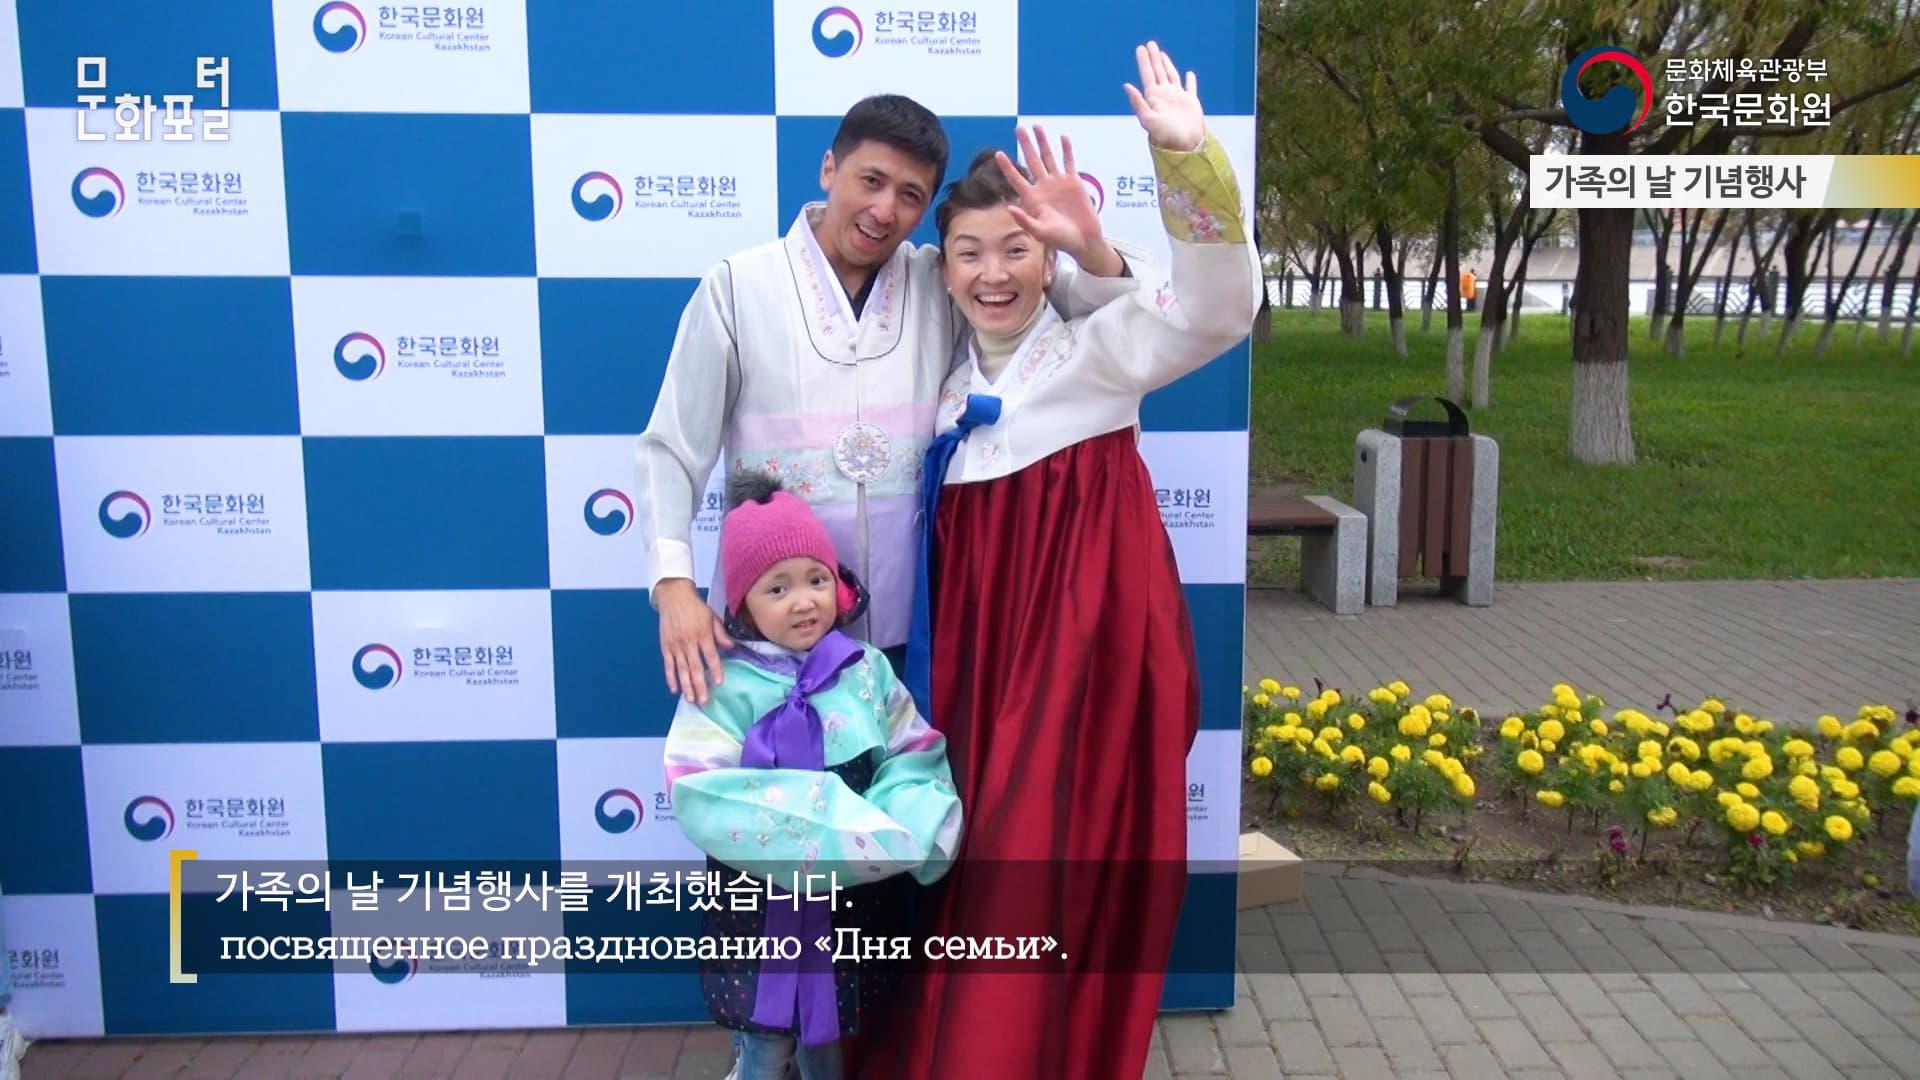 [카자흐스탄/해외문화PD] 가족의 날 기념행사